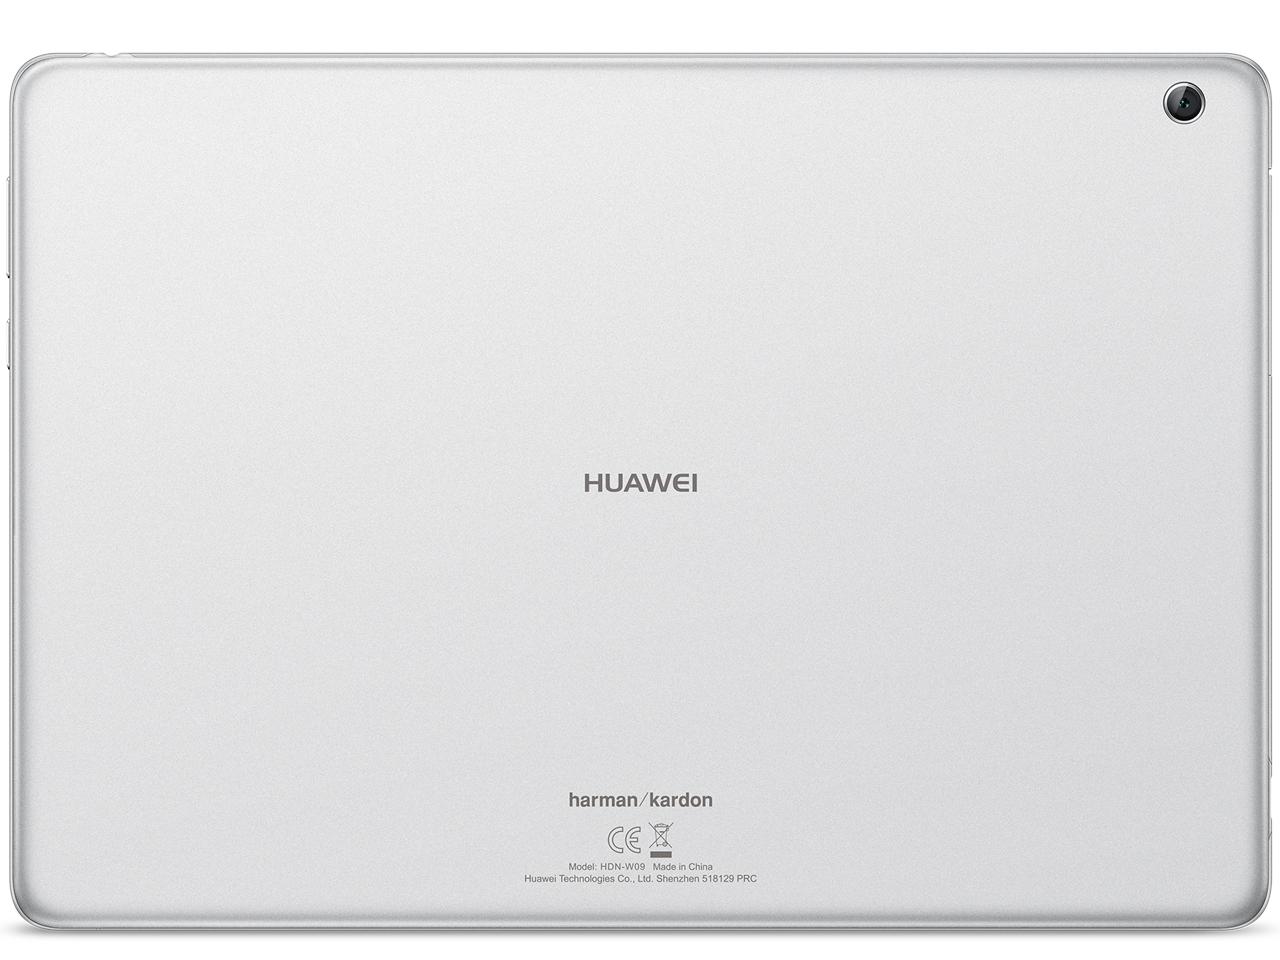 『本体 背面1』 MediaPad M3 Lite 10 wp Wi-Fiモデル の製品画像